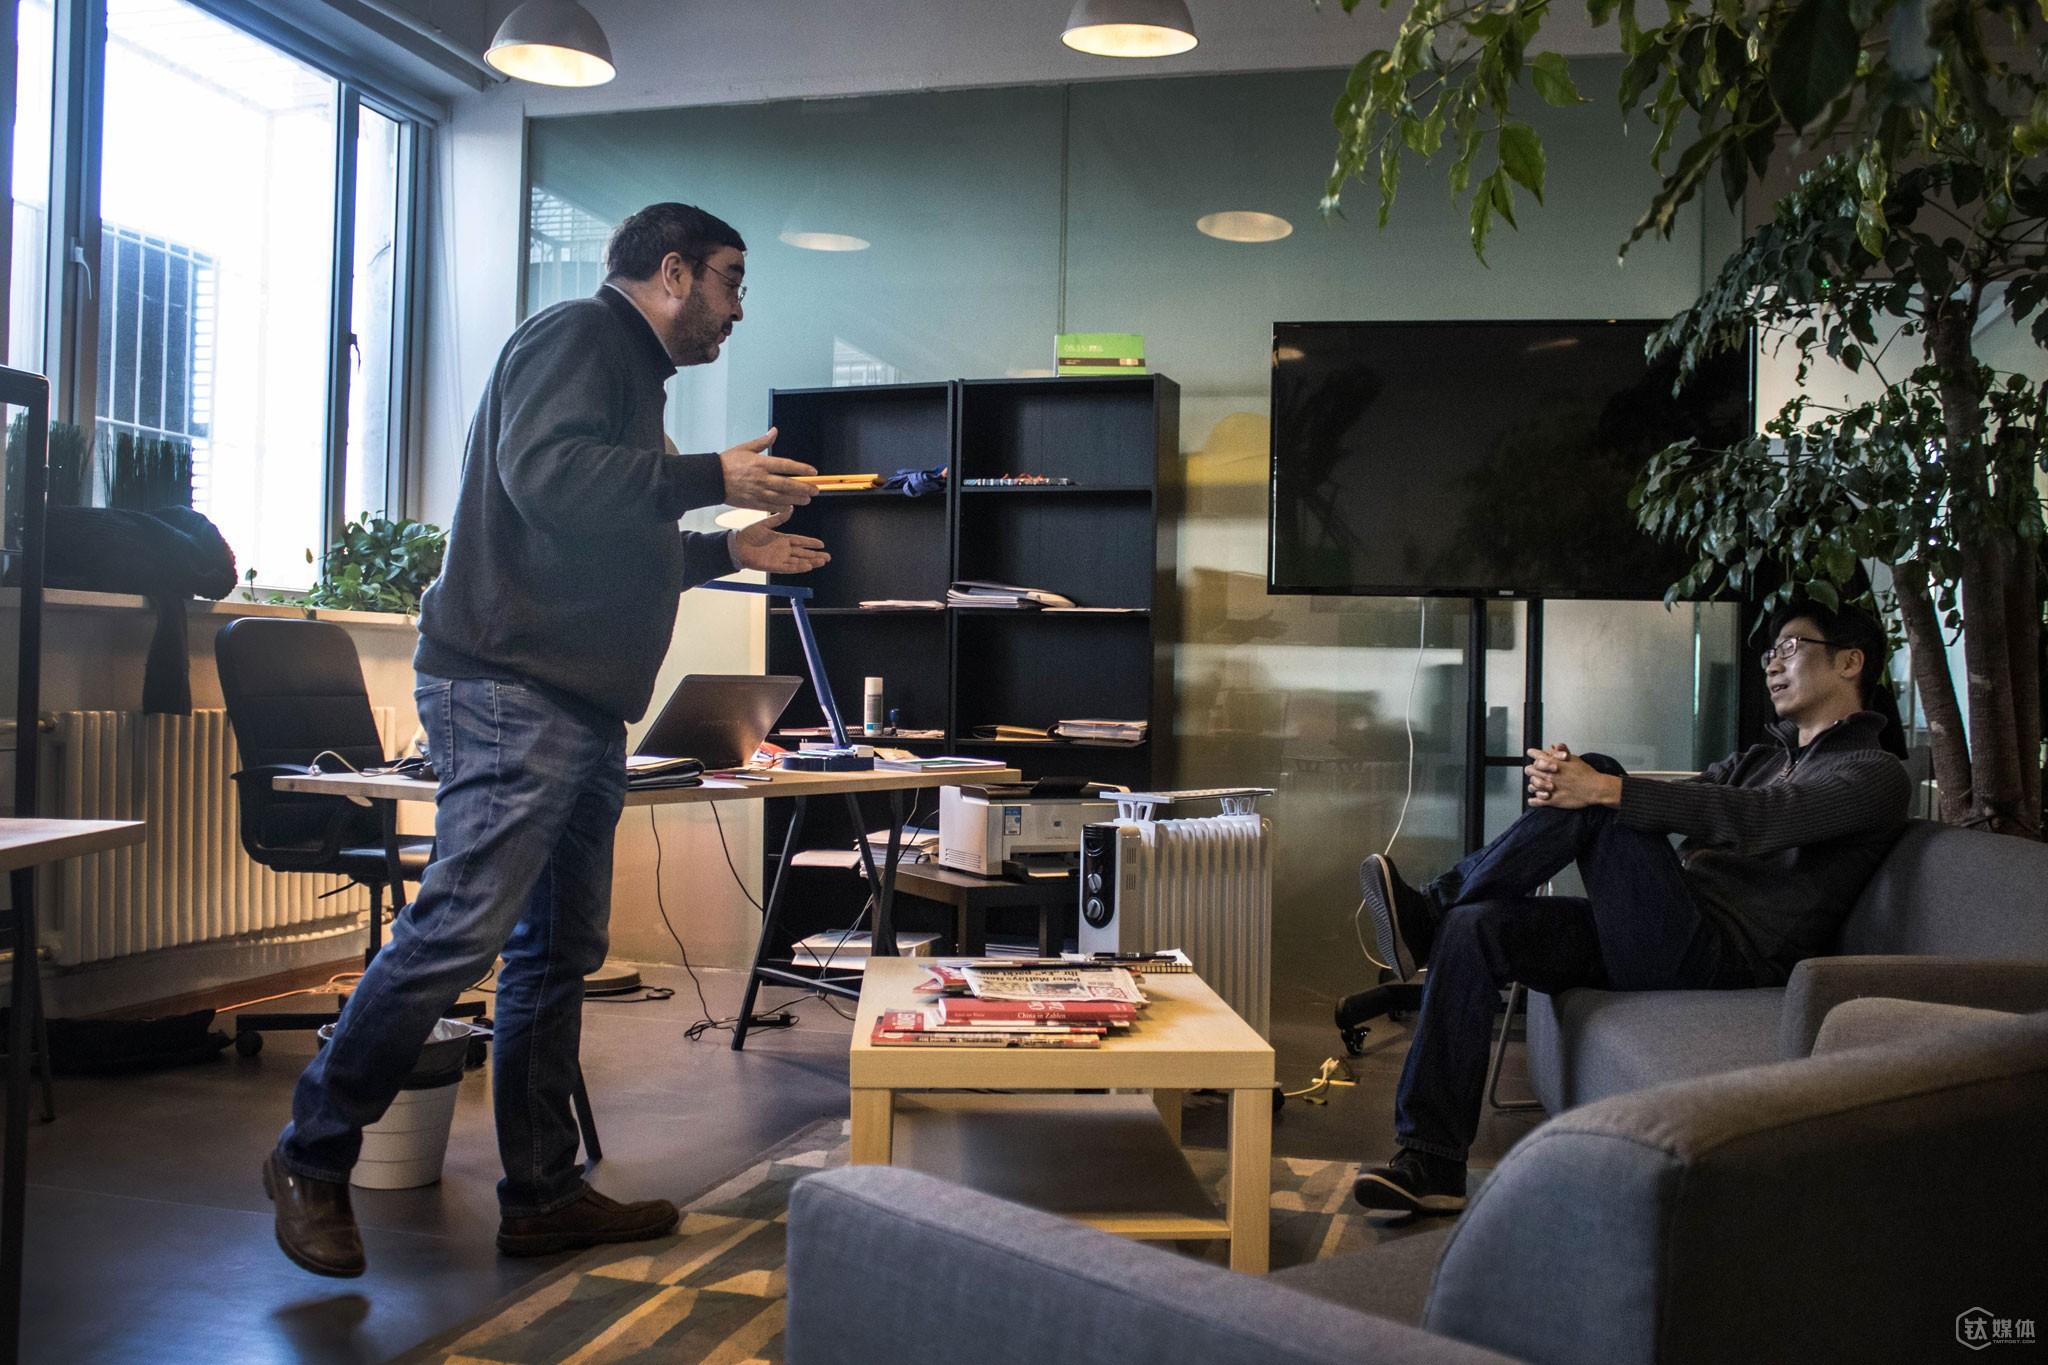 """托马斯的办公桌位于公司的一角,从这个特殊的角度,他可以看到办公室大部分人。""""从政的经验告诉我,不要坐隔间,要和人们坐在一起,这样方便办公和交流,既可以看到同事每天的变化,同事也可以监督我每天在做什么""""。"""